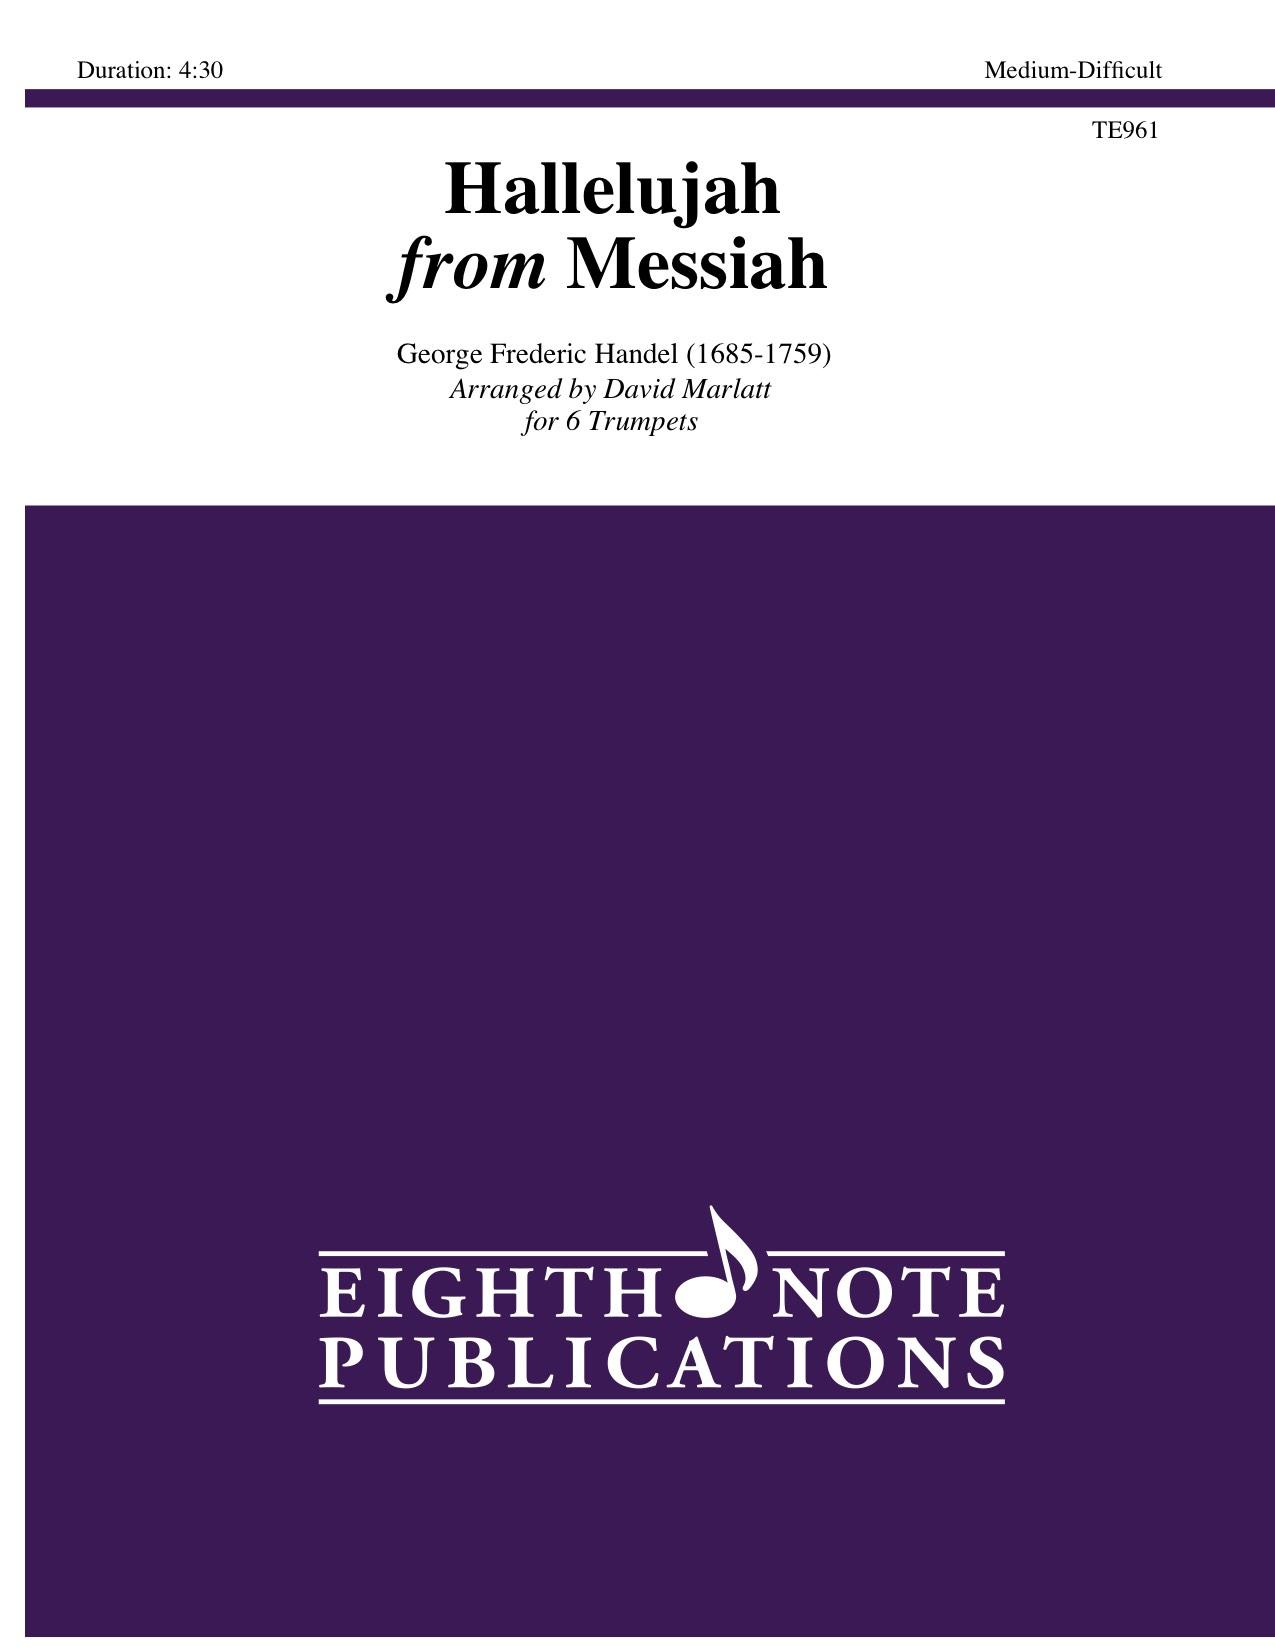 Hallelujah from Messiah  - George Frederic Handel